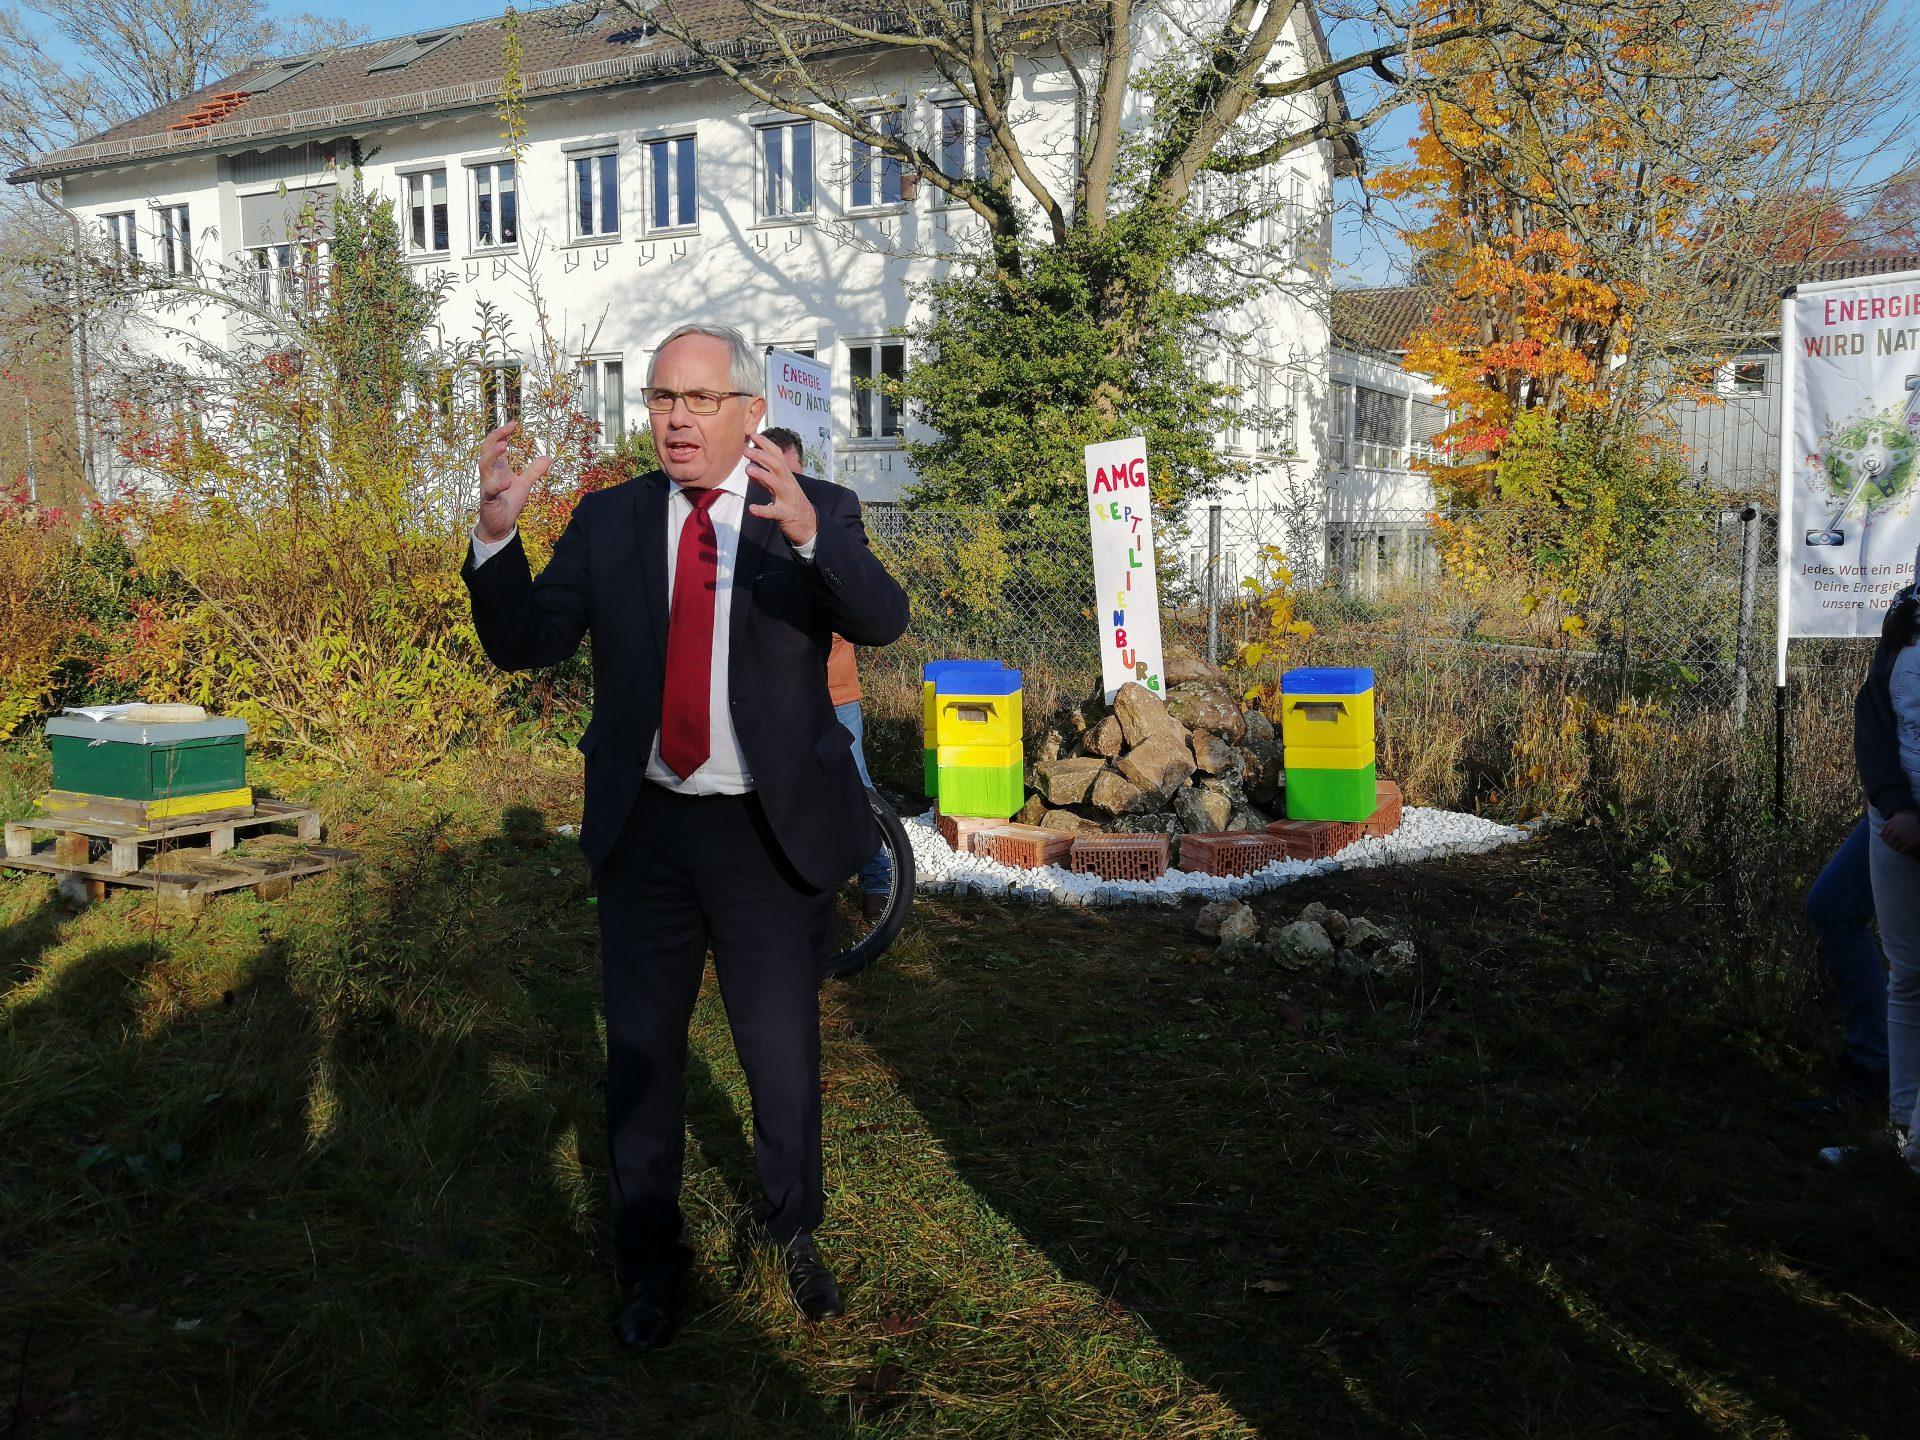 Energie wird Natur, Übergabe der Spenden an die Regensburger Schulen, Ansprache Bürgermeister Jürgen Huber, 19_11_19, Ansprache Bürgermeister Huber (Foto Kemmeter)